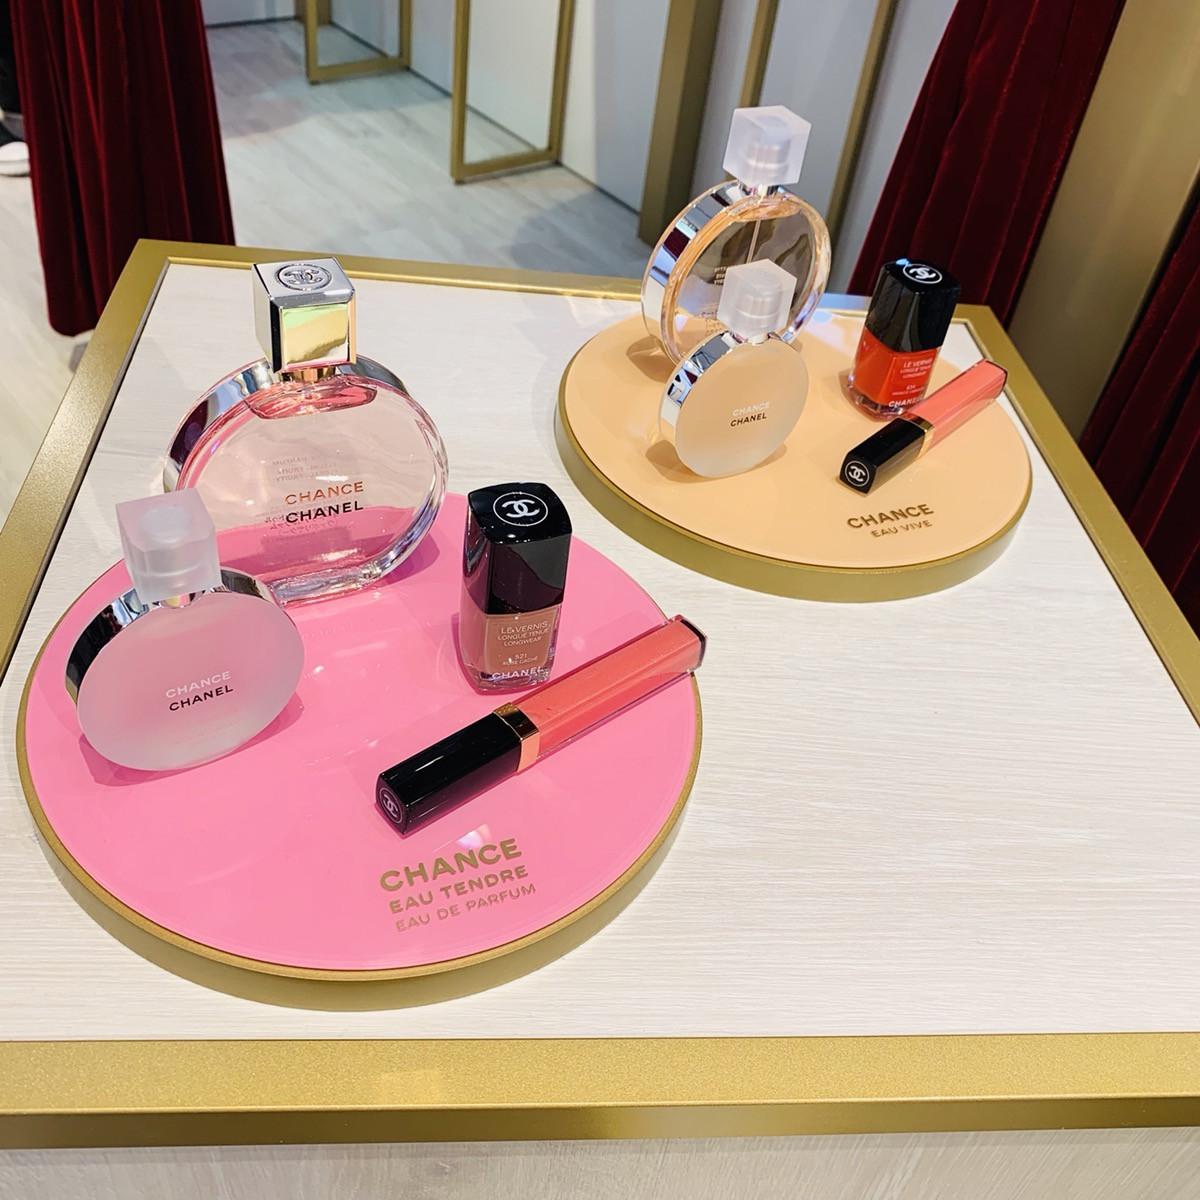 シャネルの新しい香り「チャンス」を楽しめる仕掛けが満載! 表参道のSO-CAL LINK GALLERYで、ポップアップイベント開催_1_4